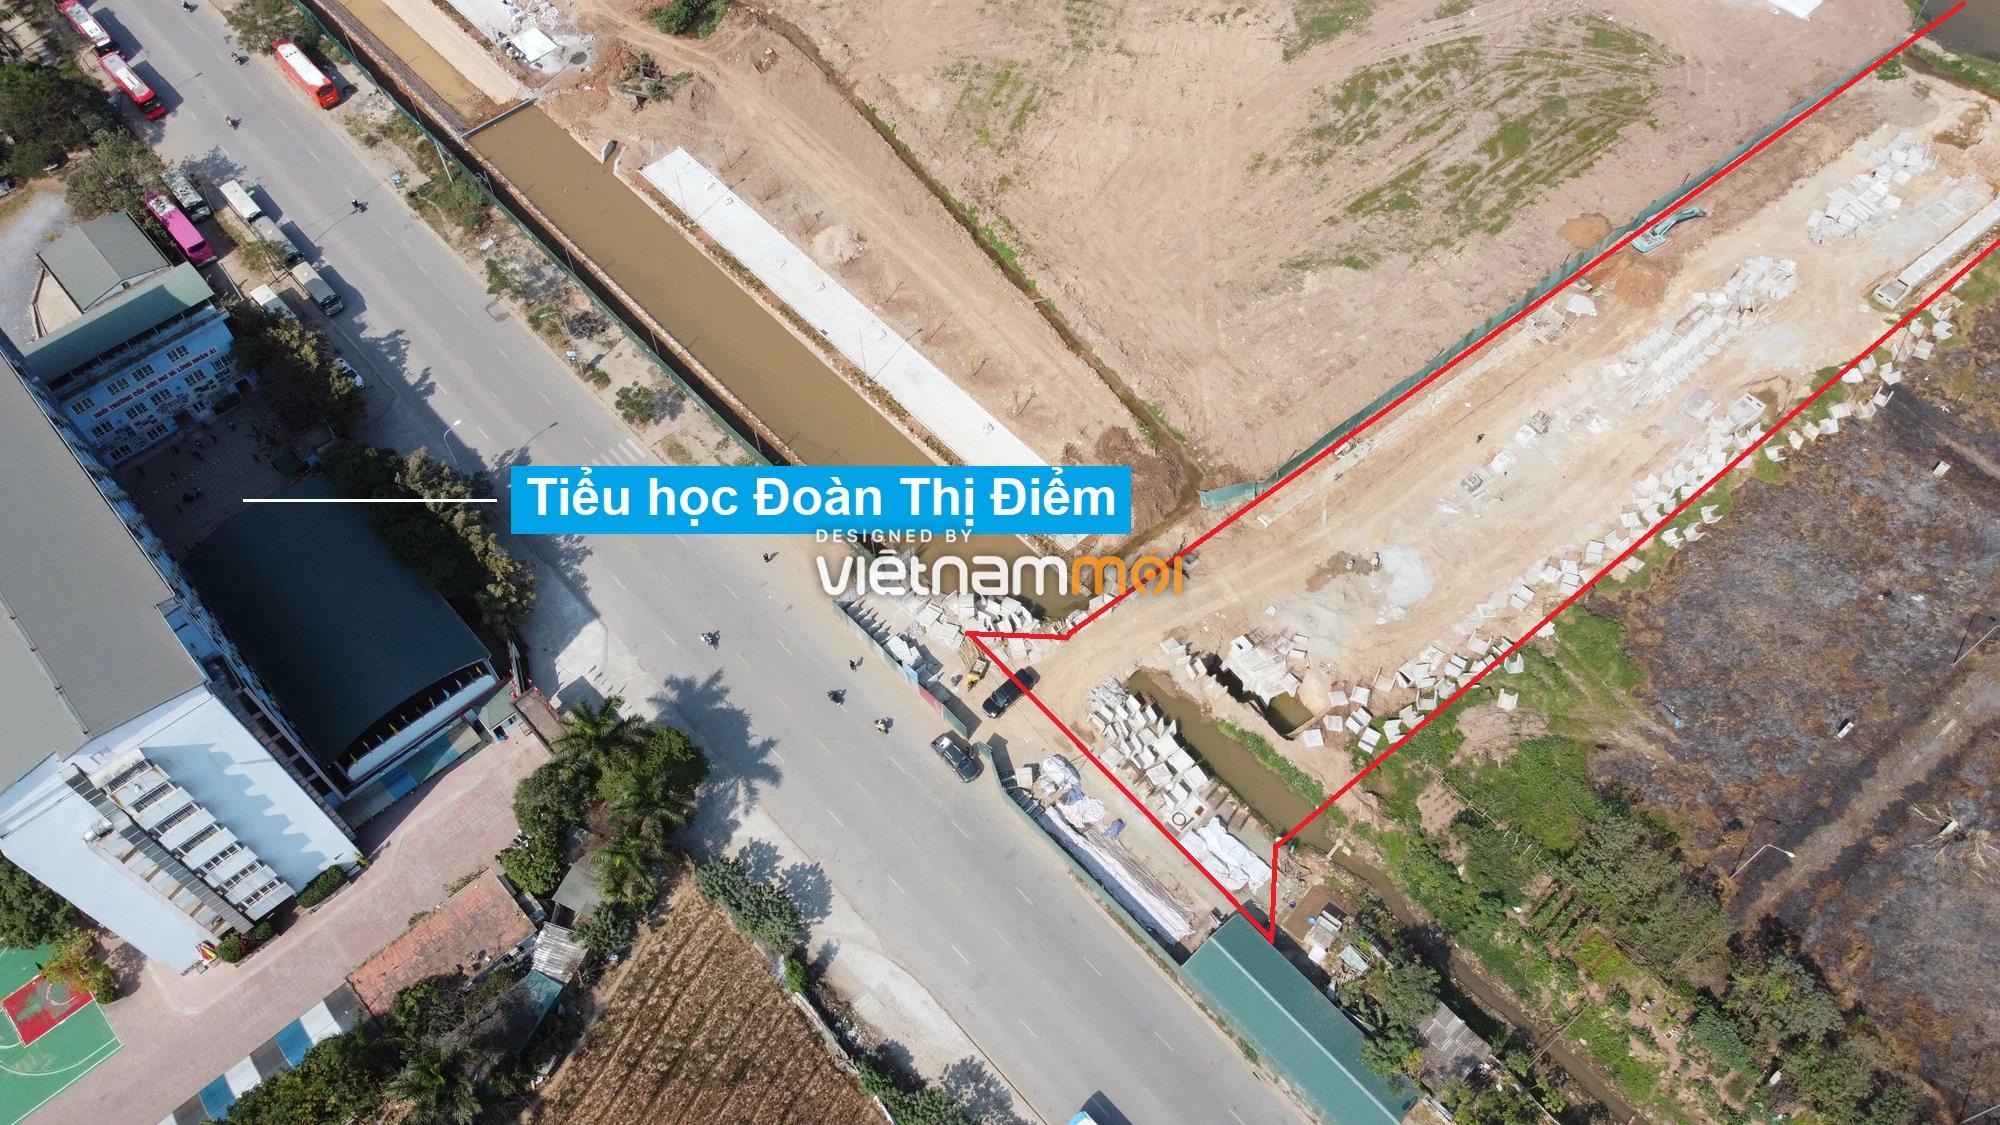 Những khu đất sắp thu hồi để mở đường ở quận Bắc Từ Liêm, Hà Nội (phần 1) - Ảnh 22.